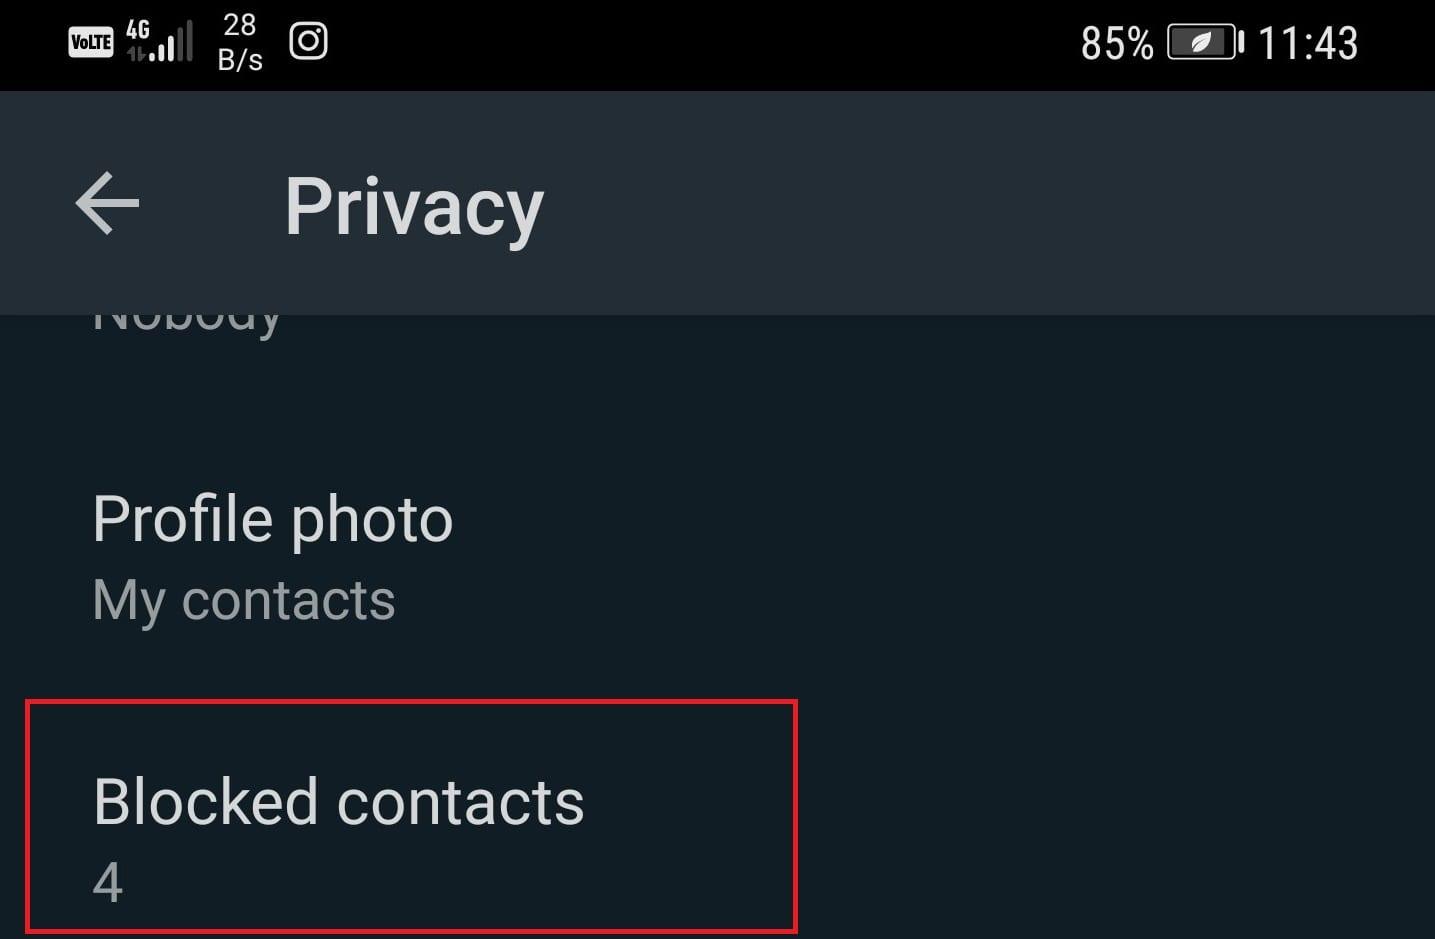 Configuración de privacidad de WhatsApp